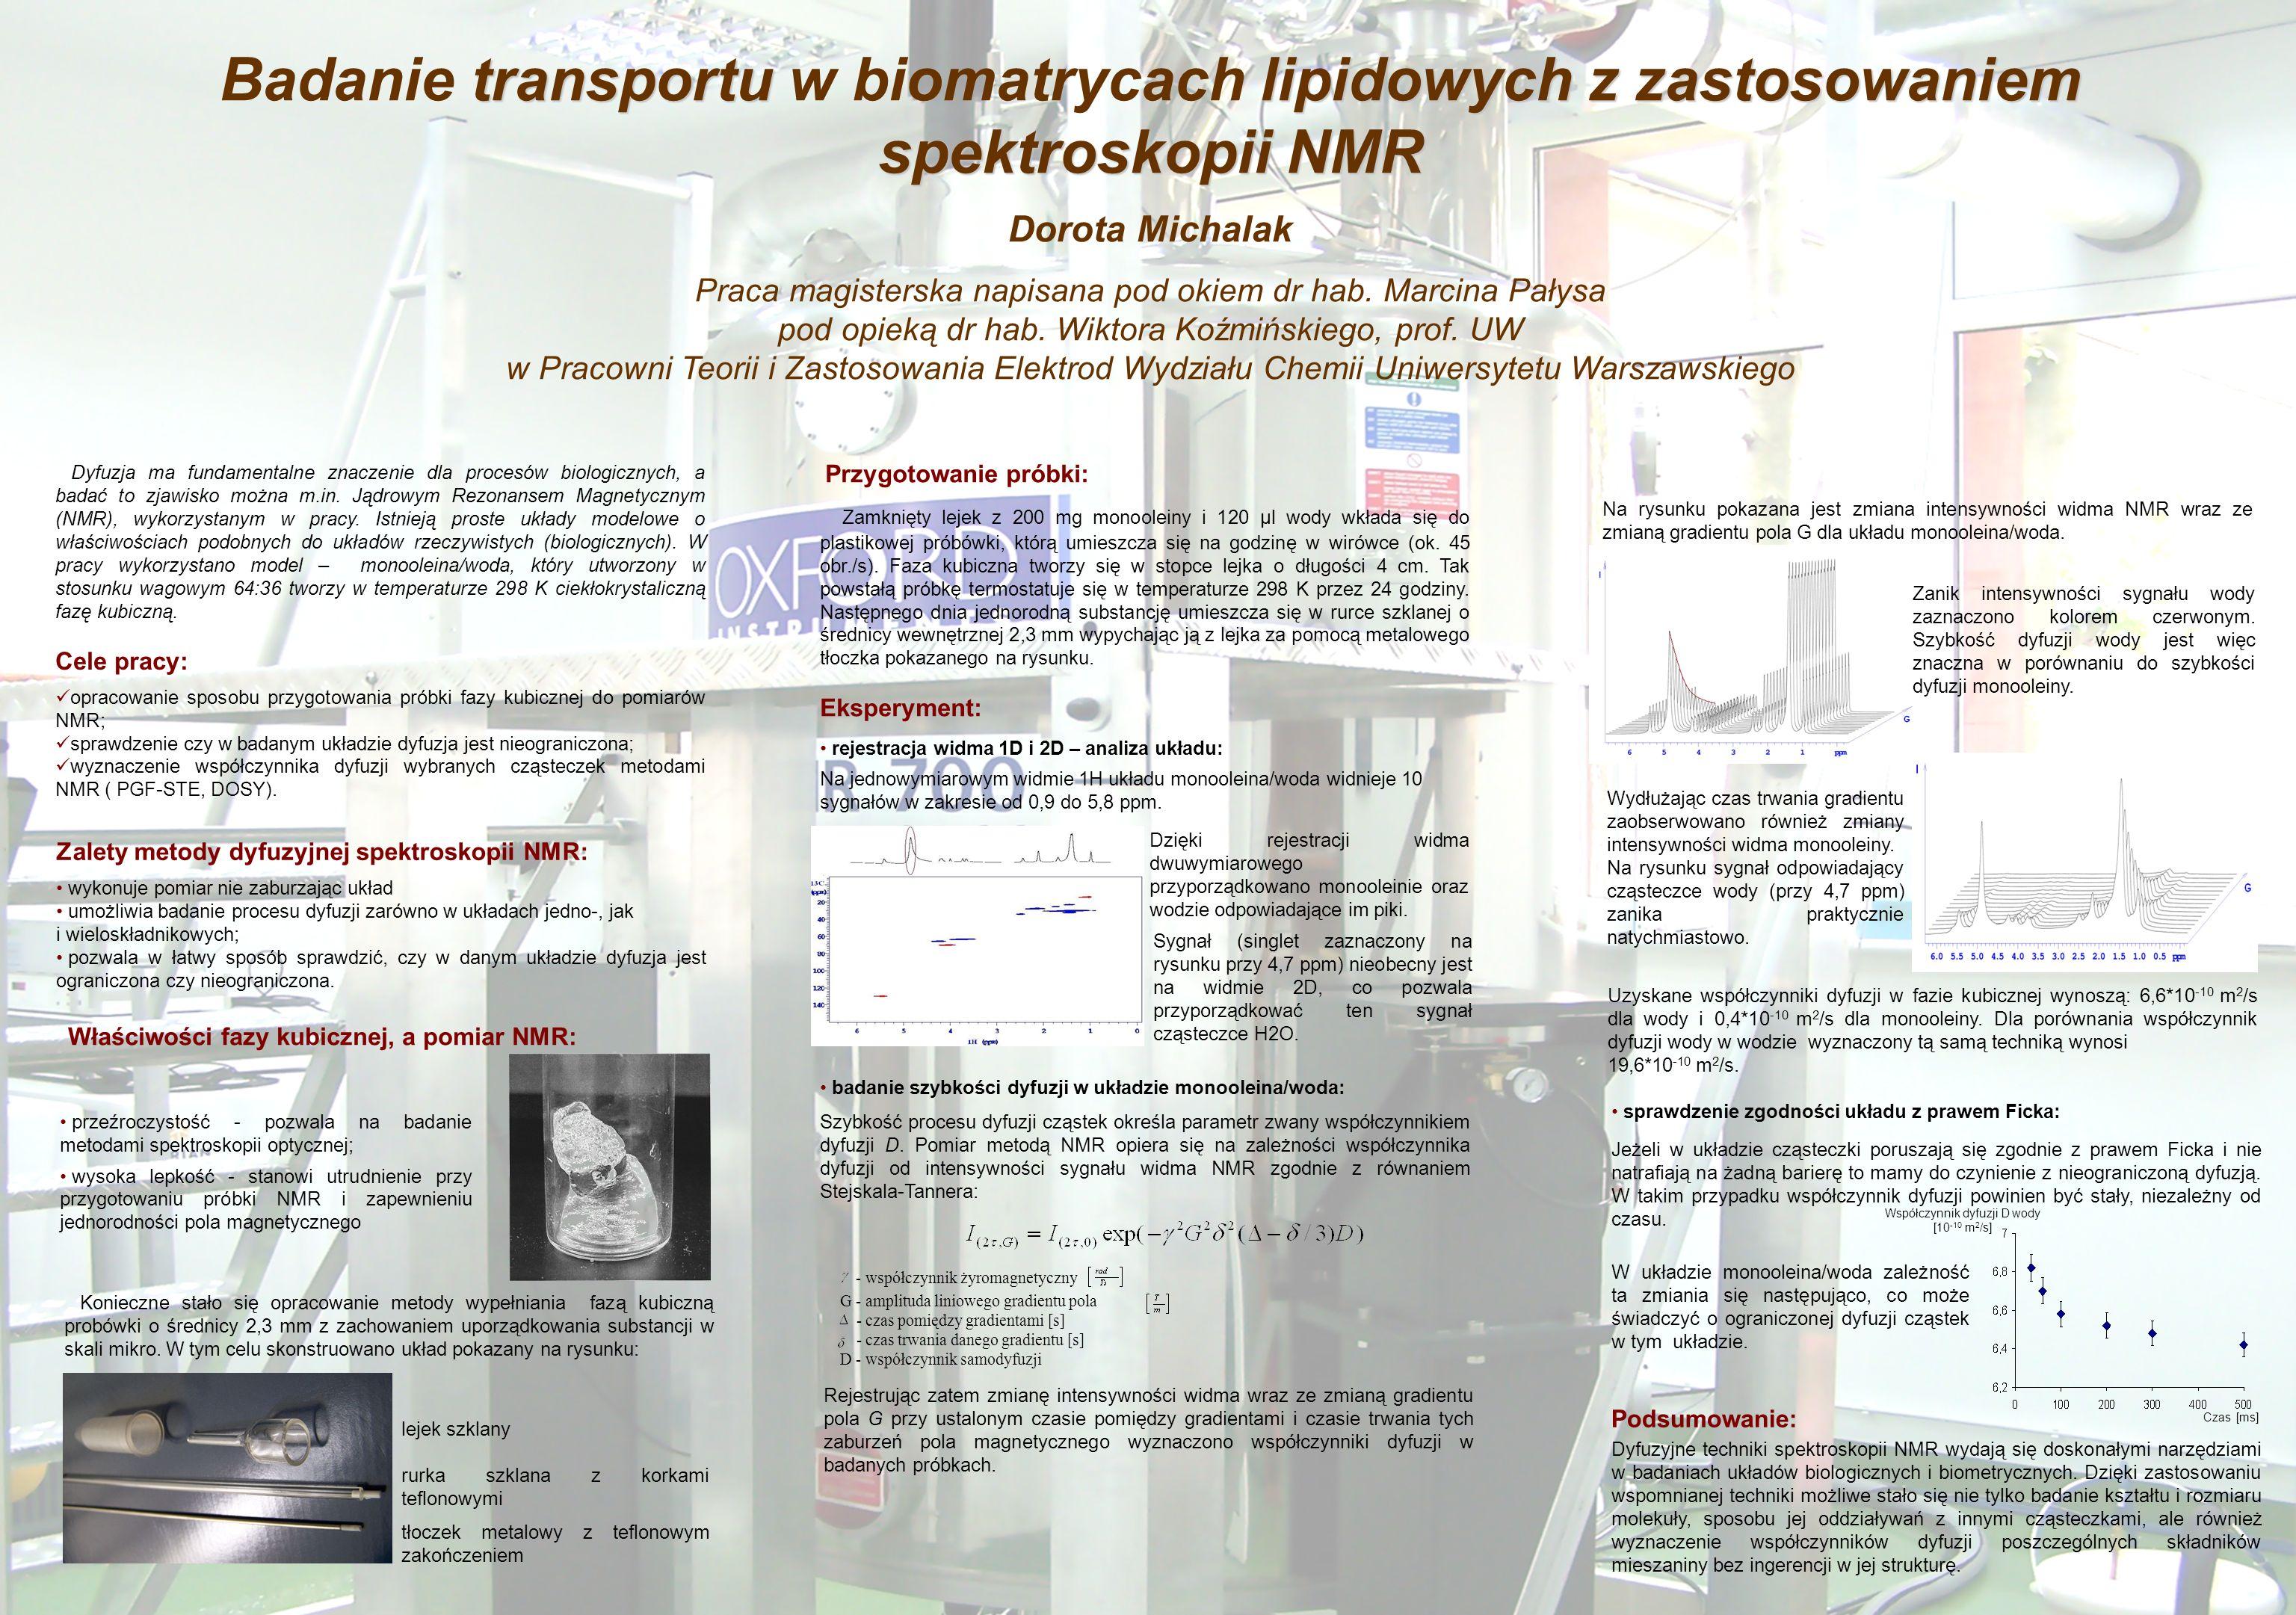 Badanie transportu w biomatrycach lipidowych z zastosowaniem spektroskopii NMR